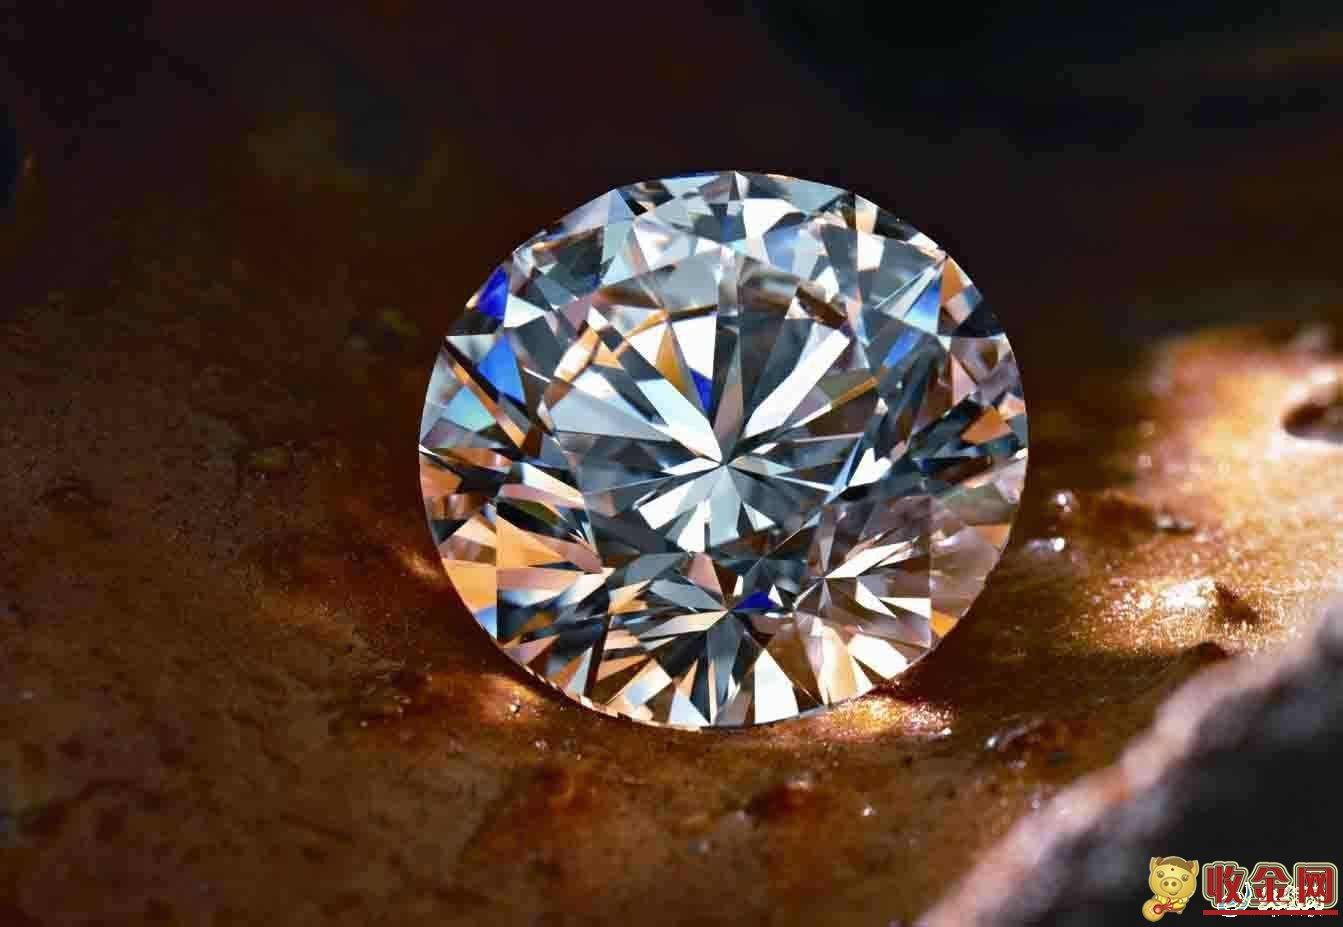 钻石的色泽和净度哪个更影响回收价格